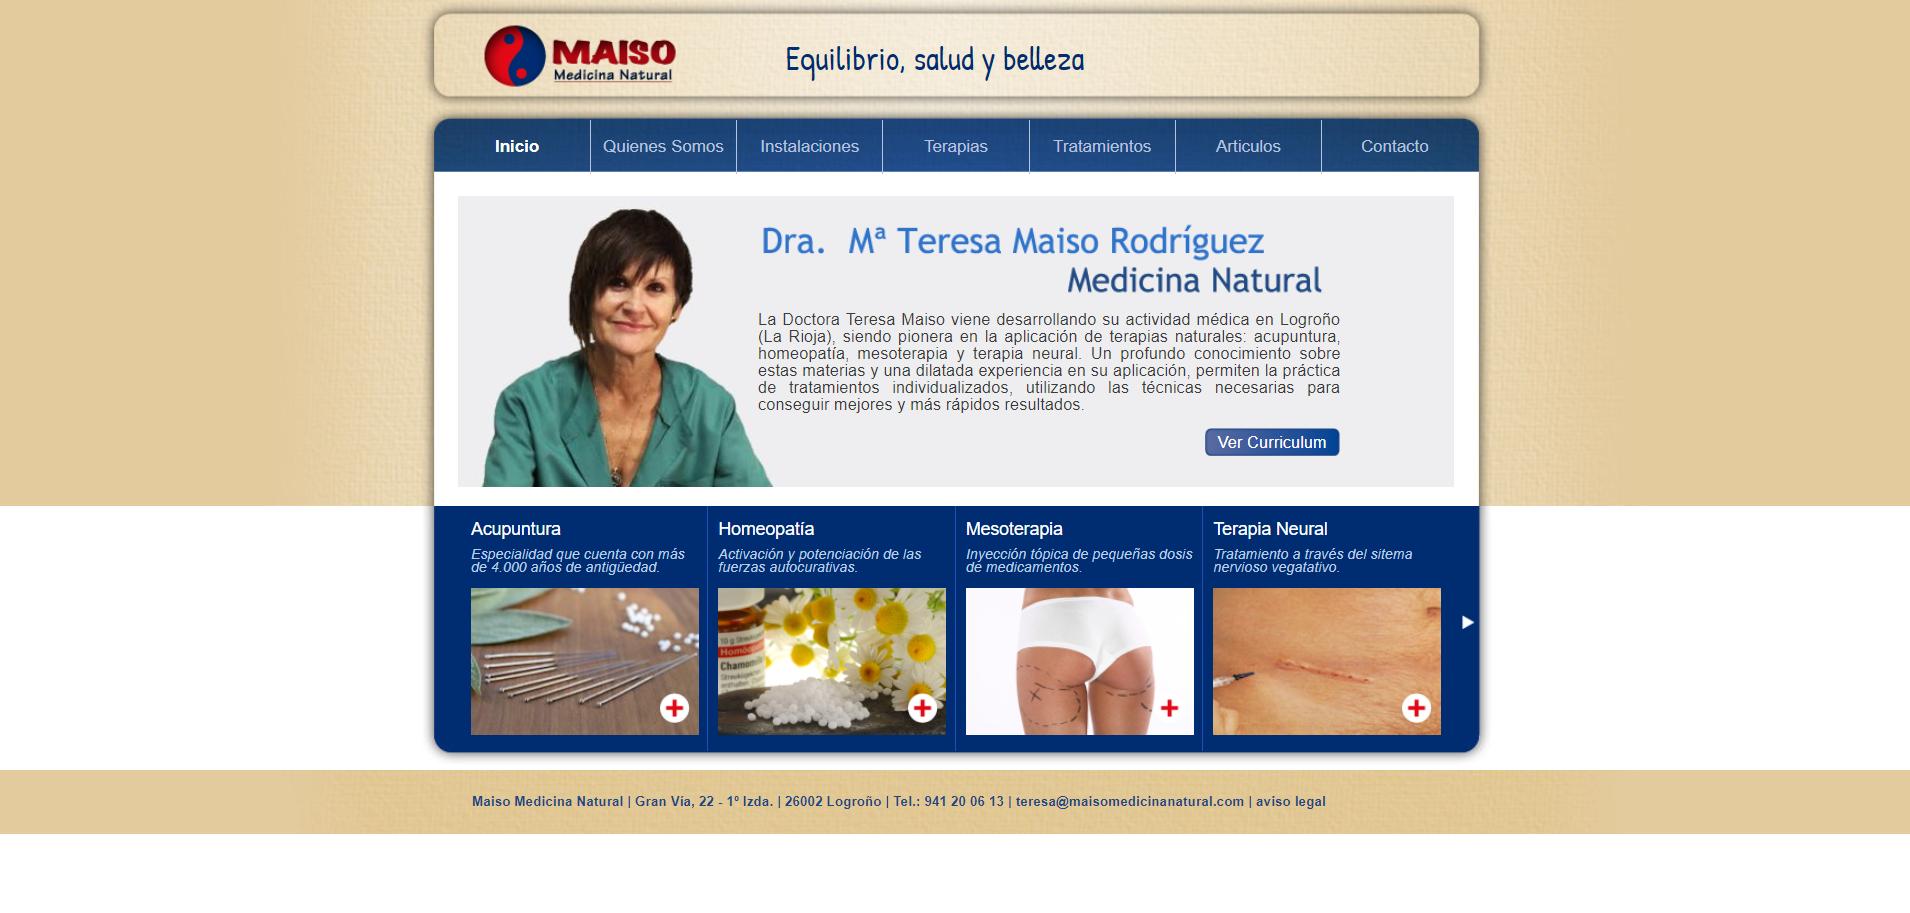 Diseño Maiso Medicina Natural